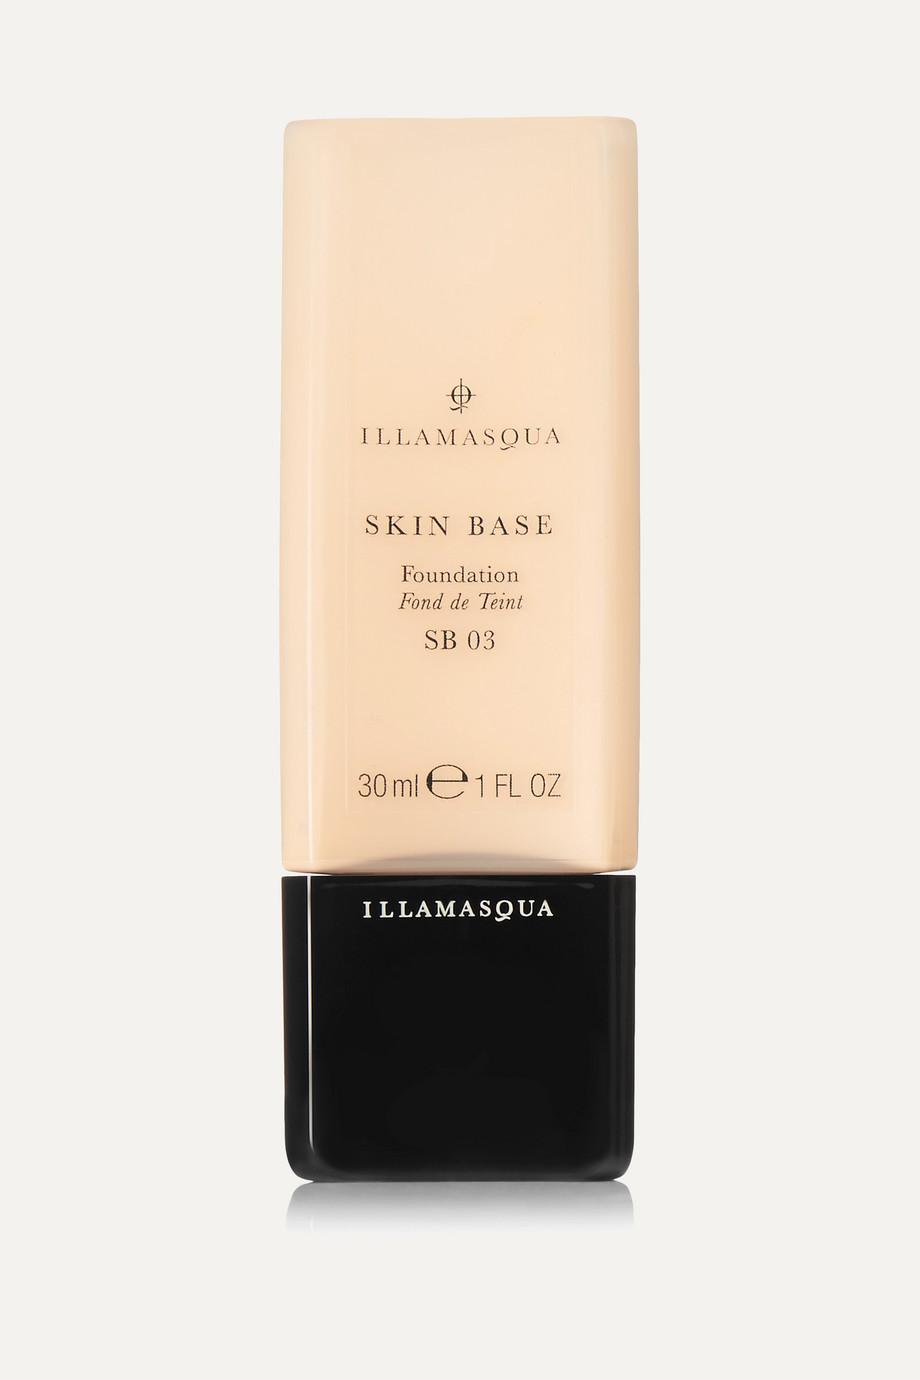 Illamasqua Skin Base Foundation - 3, 30ml